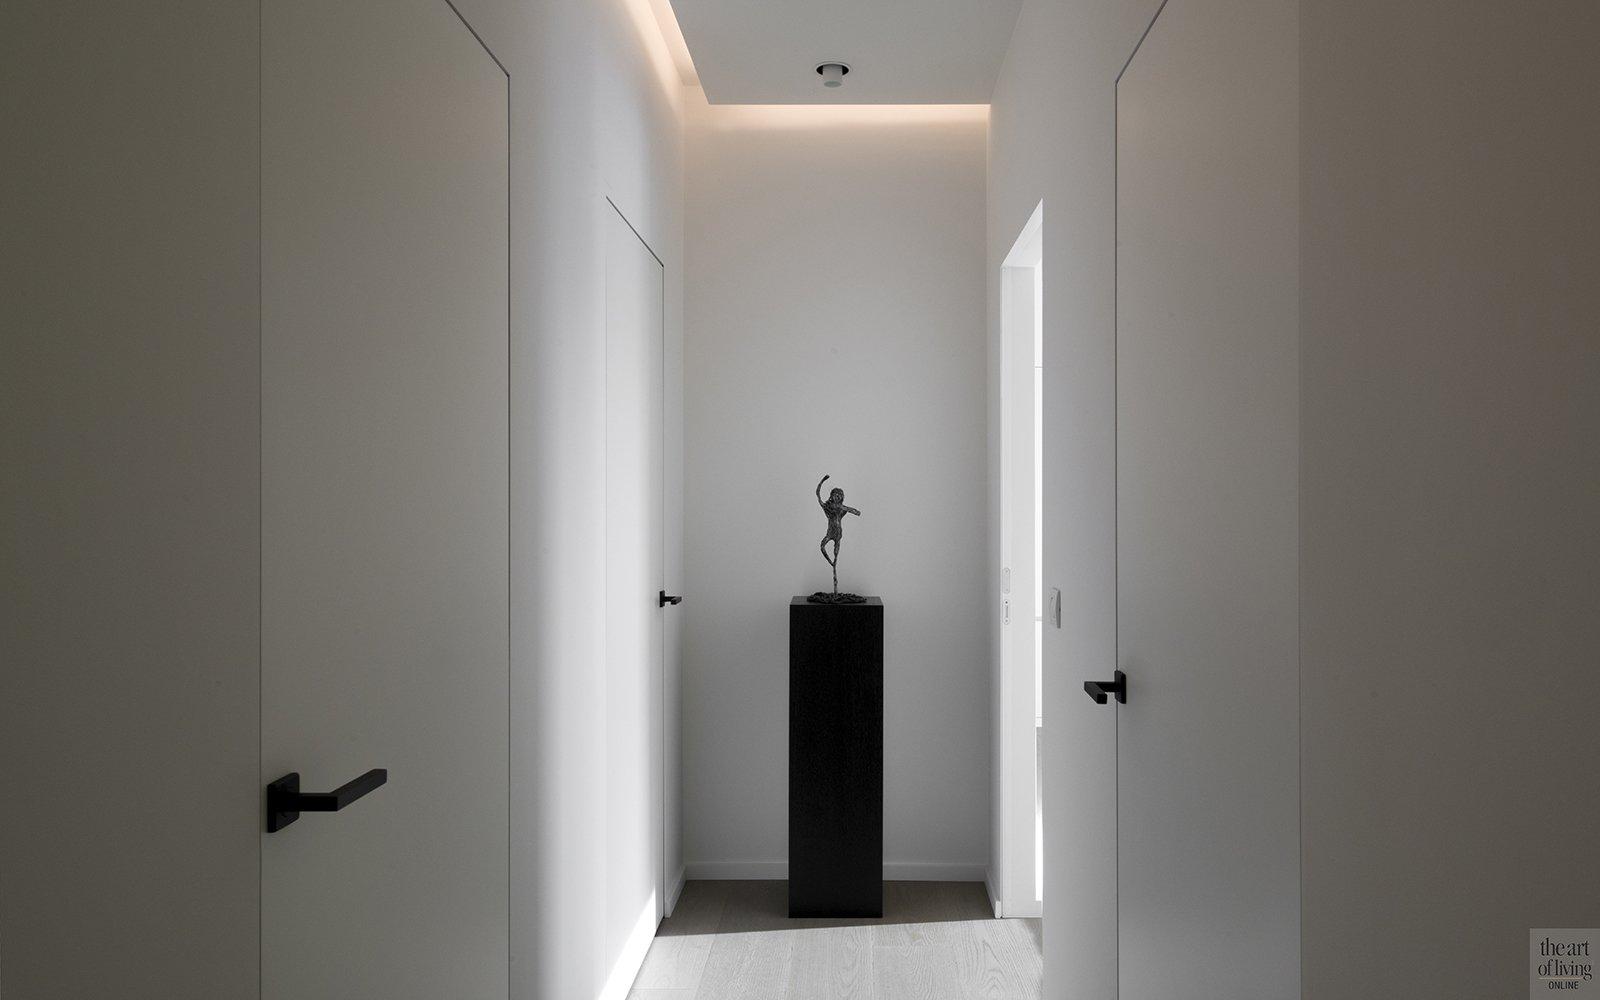 Tijdloos appartement qtd interieurarchitecten the art of